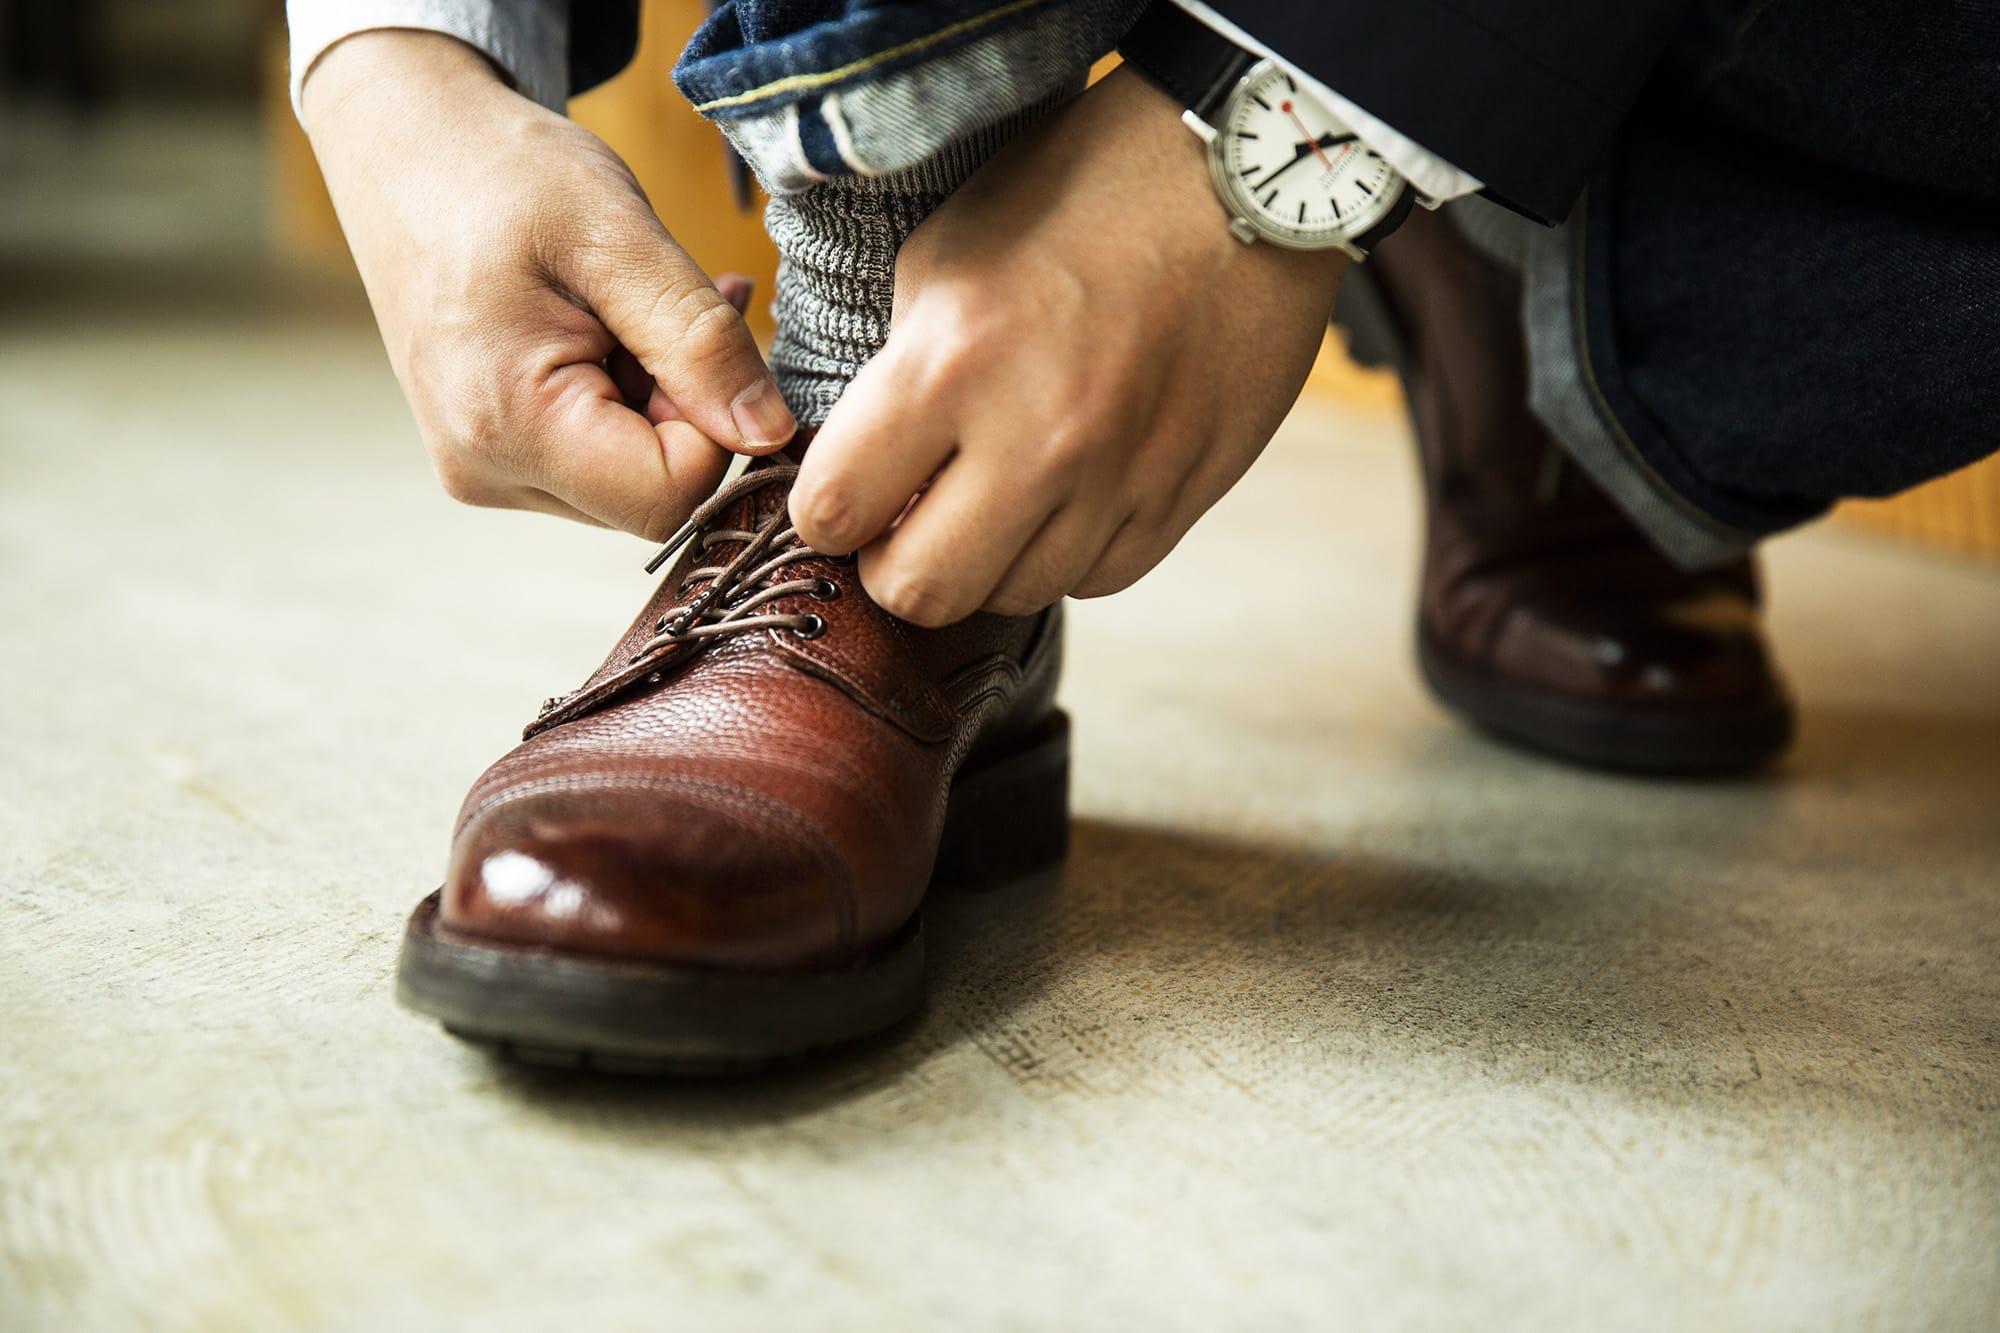 ジョセフ チーニー 靴磨き芸人 奥野 奏さん ケンゴン Ⅱ R バーガンディ着用